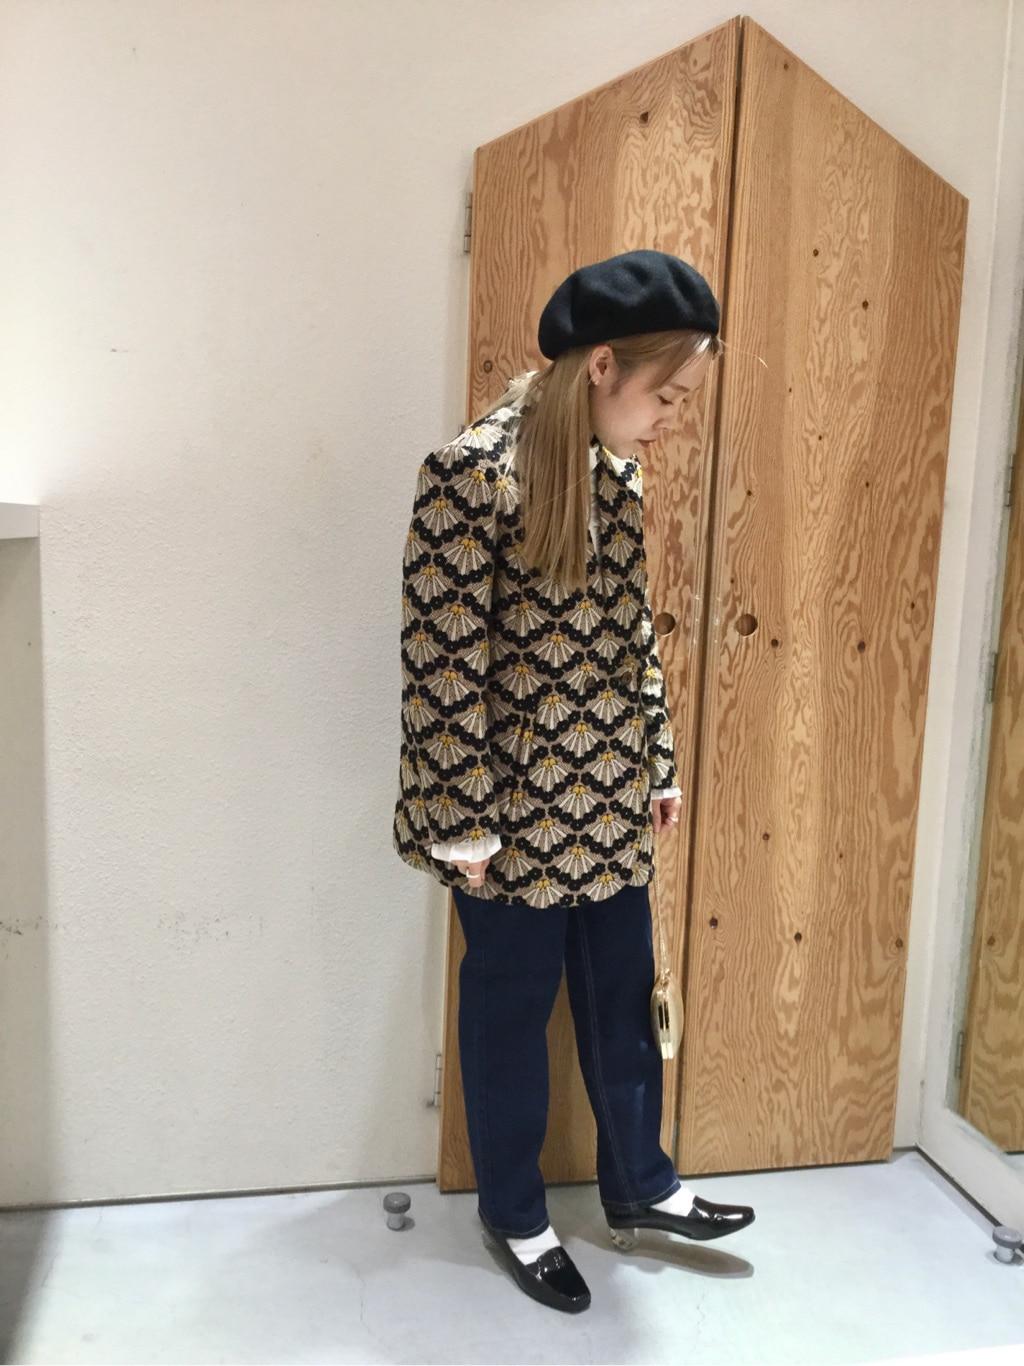 l'atelier du savon グランフロント大阪 身長:155cm 2019.12.09